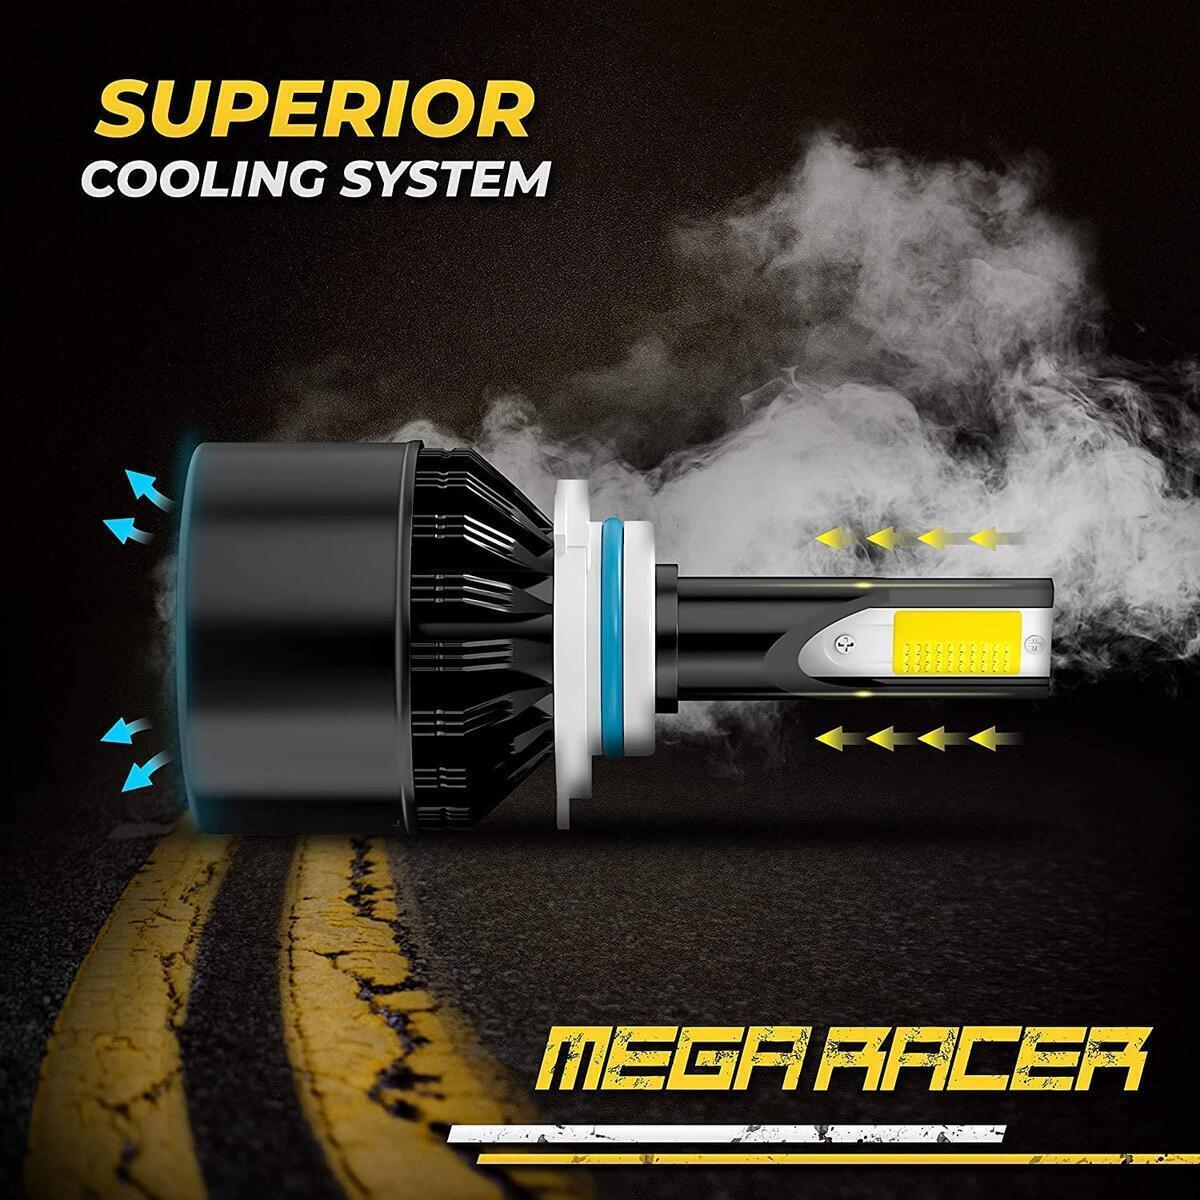 Mega Racer 9145/H10/9140/9155 LED Fog Light Bulb, 3 Changeable Colors for Fog Light Replacement Bulb (6000K Diamond White, 3000K Golden Yellow, 4300K Warm White), 50W 8000 Lumens COB IP68, Pack of 2